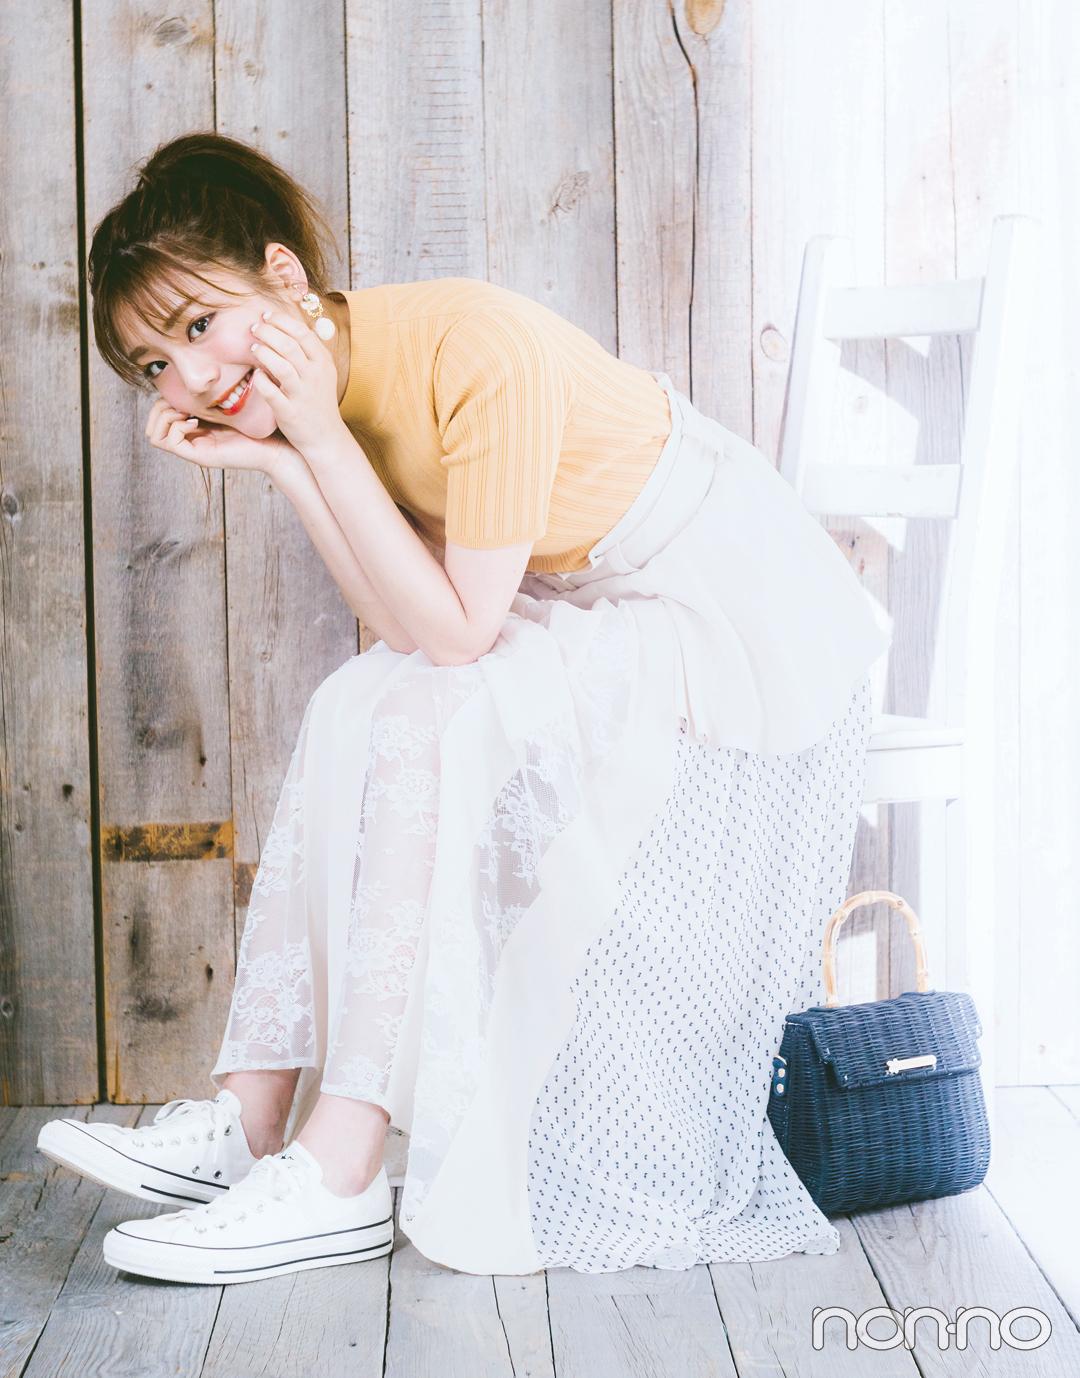 貴島明日香の好感度が高いワケ★ スニーカーコーデのルールを教えて!_1_3